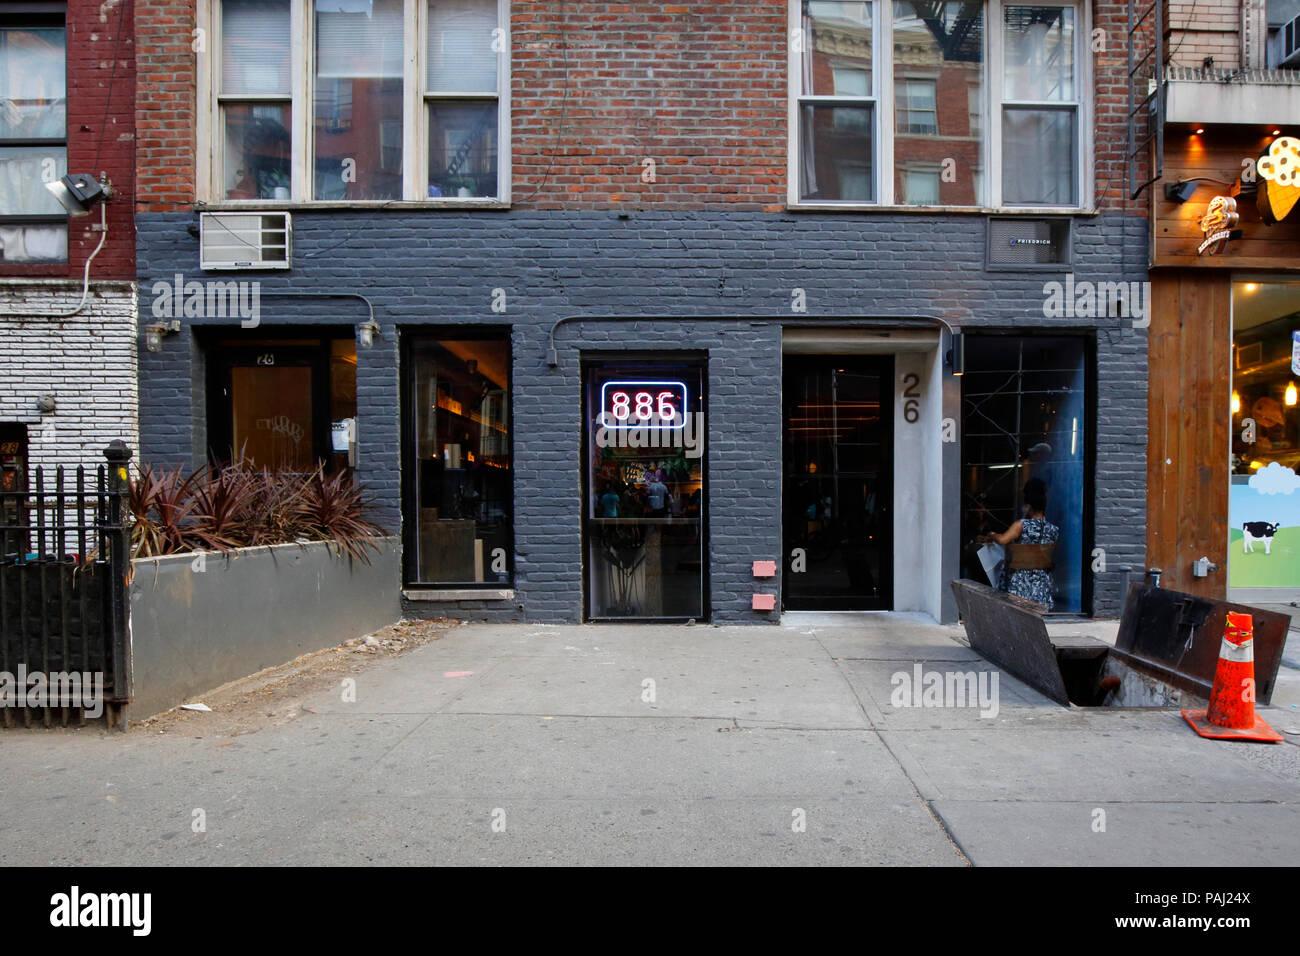 886, 26 St Marks Pl, New York, NY - Stock Image